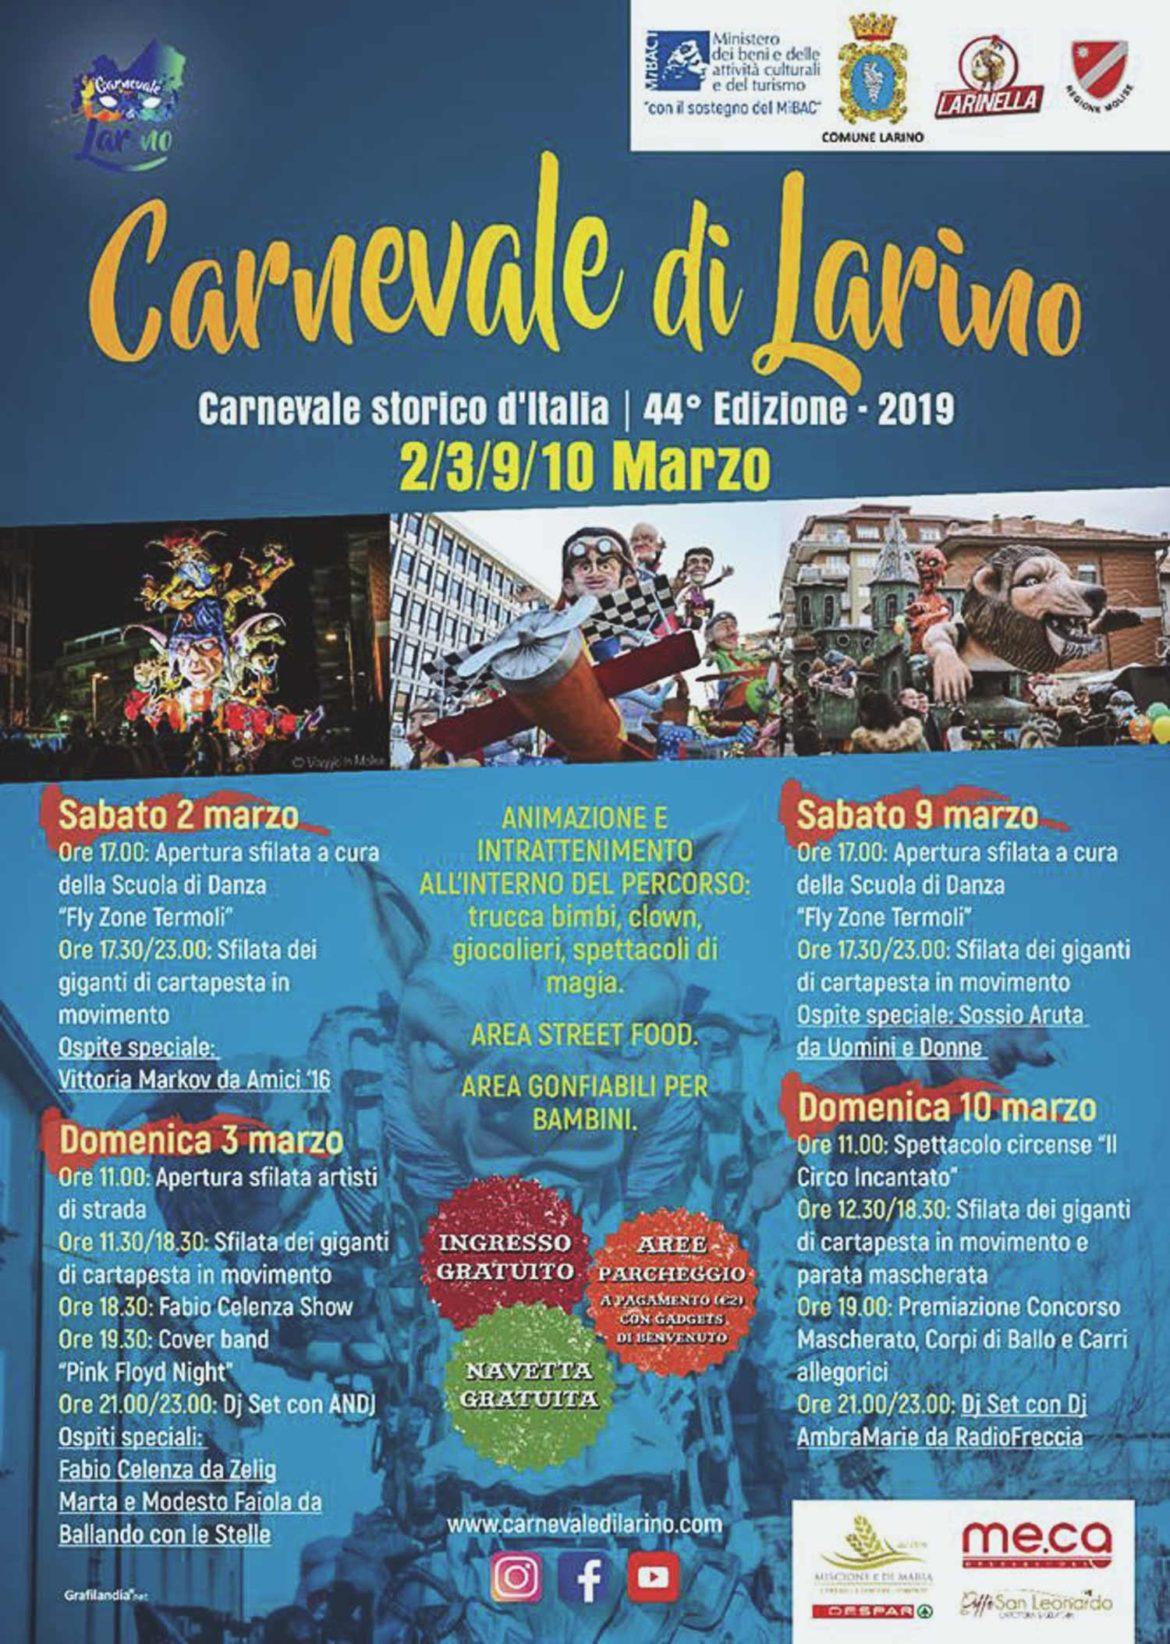 Il programma dettagliato del Carnevale di Larino 2019